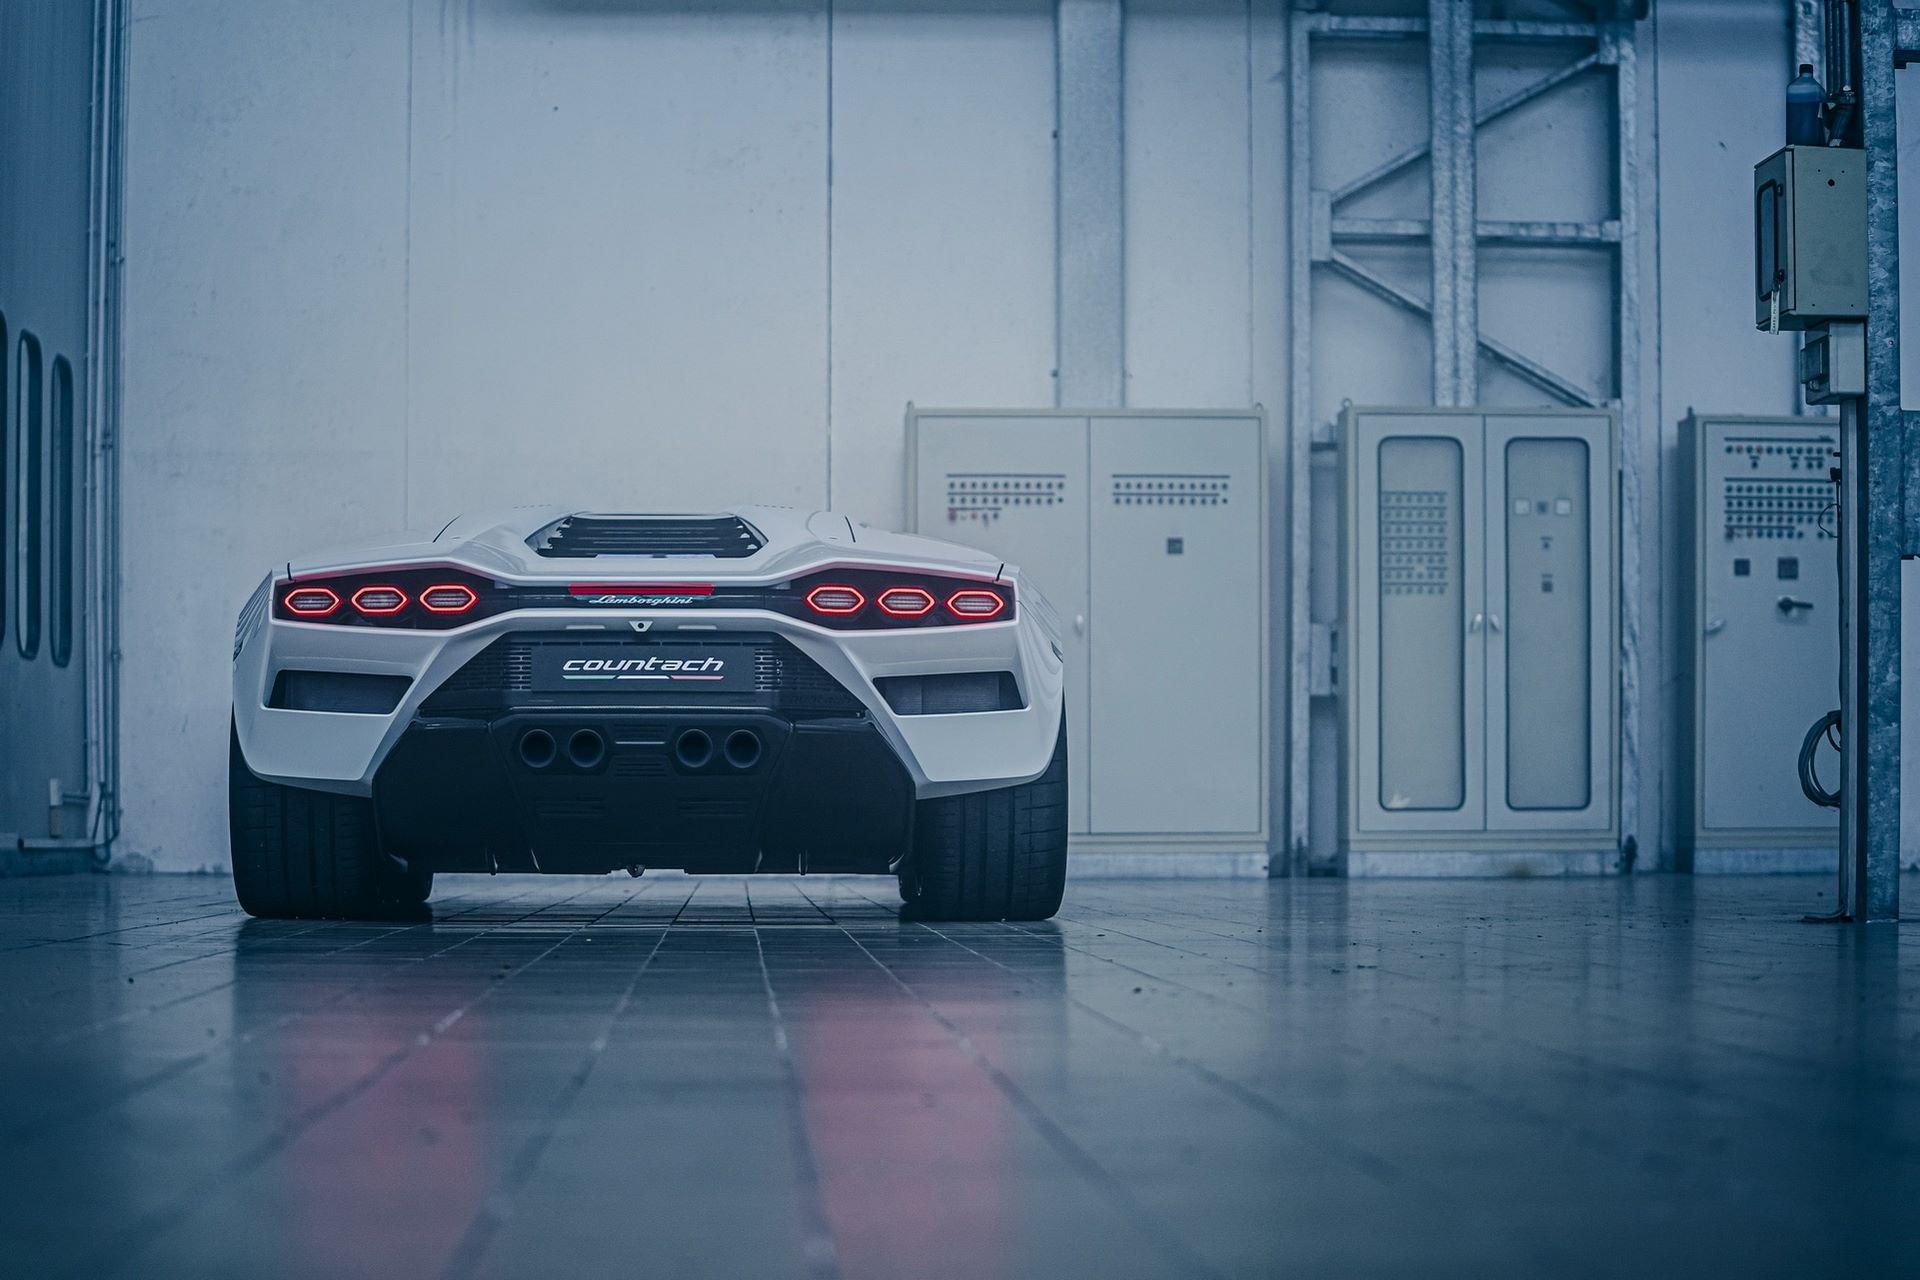 Lamborghini-Countach-LPI-800-4-60